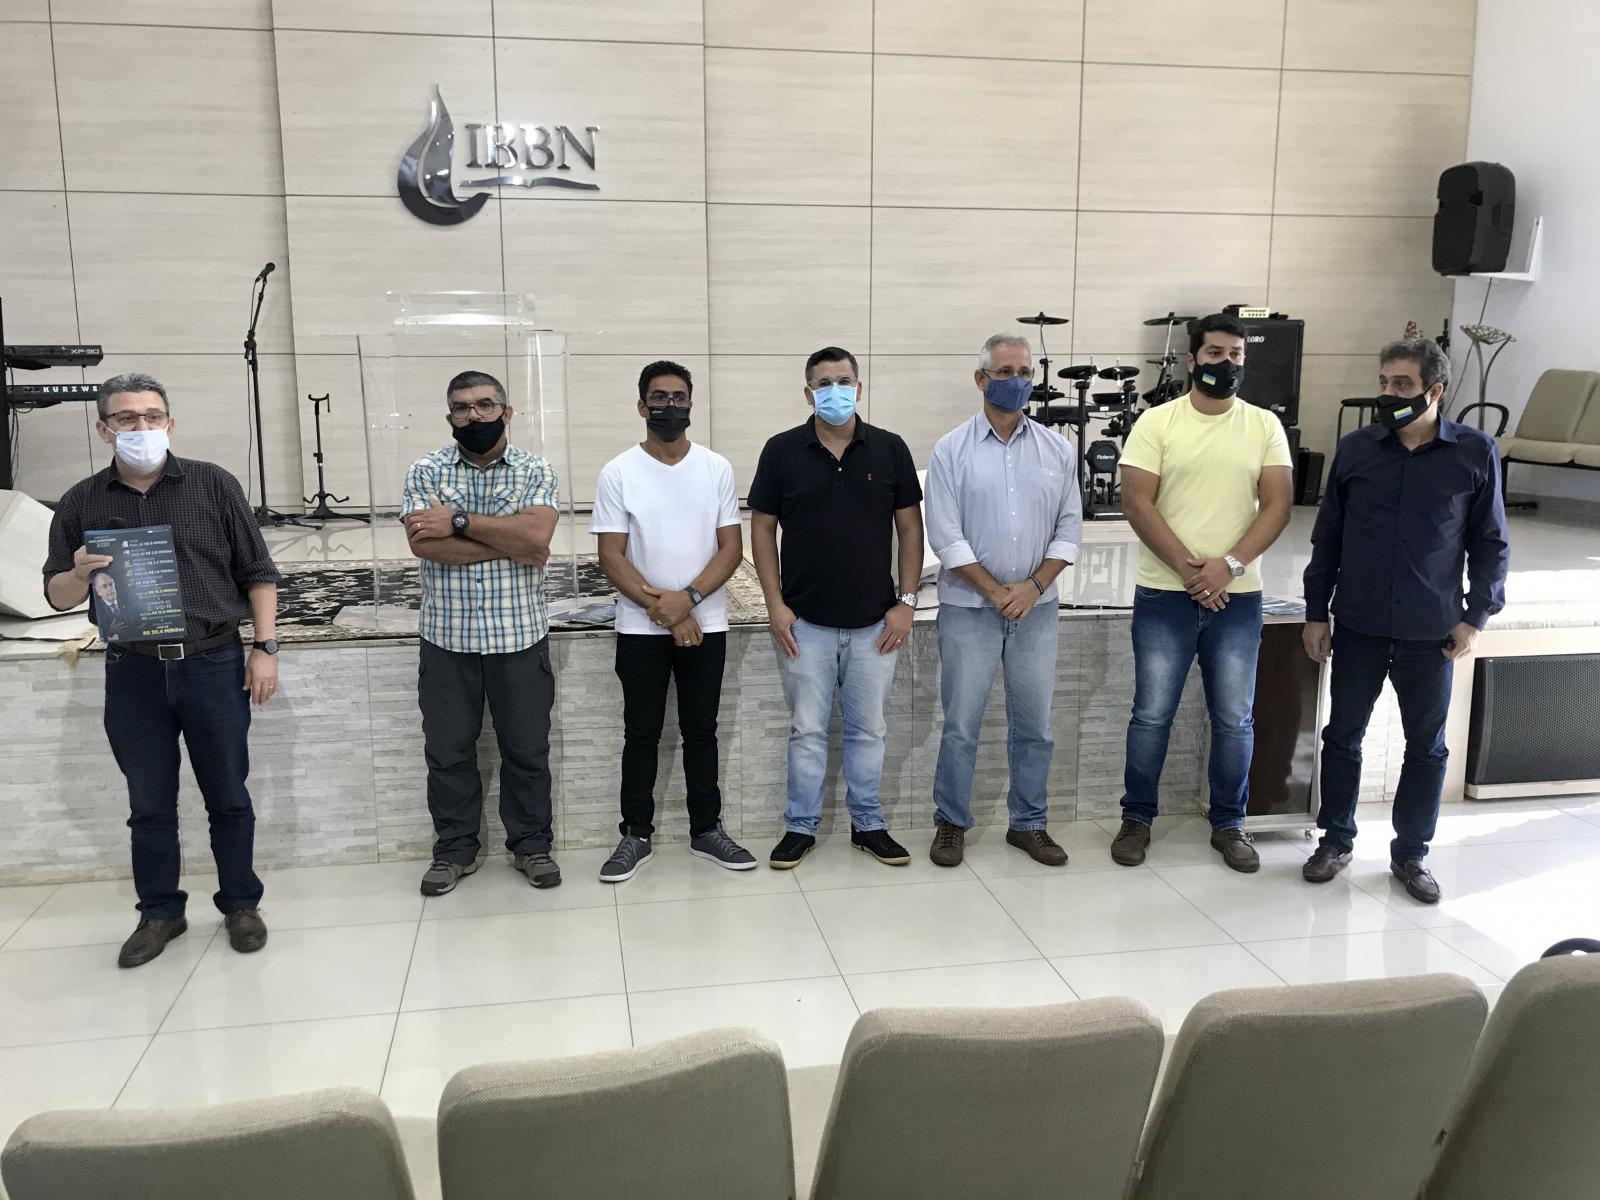 Vereadores e lideranças religiosas se organizam para criar bancada cristã em Dourados